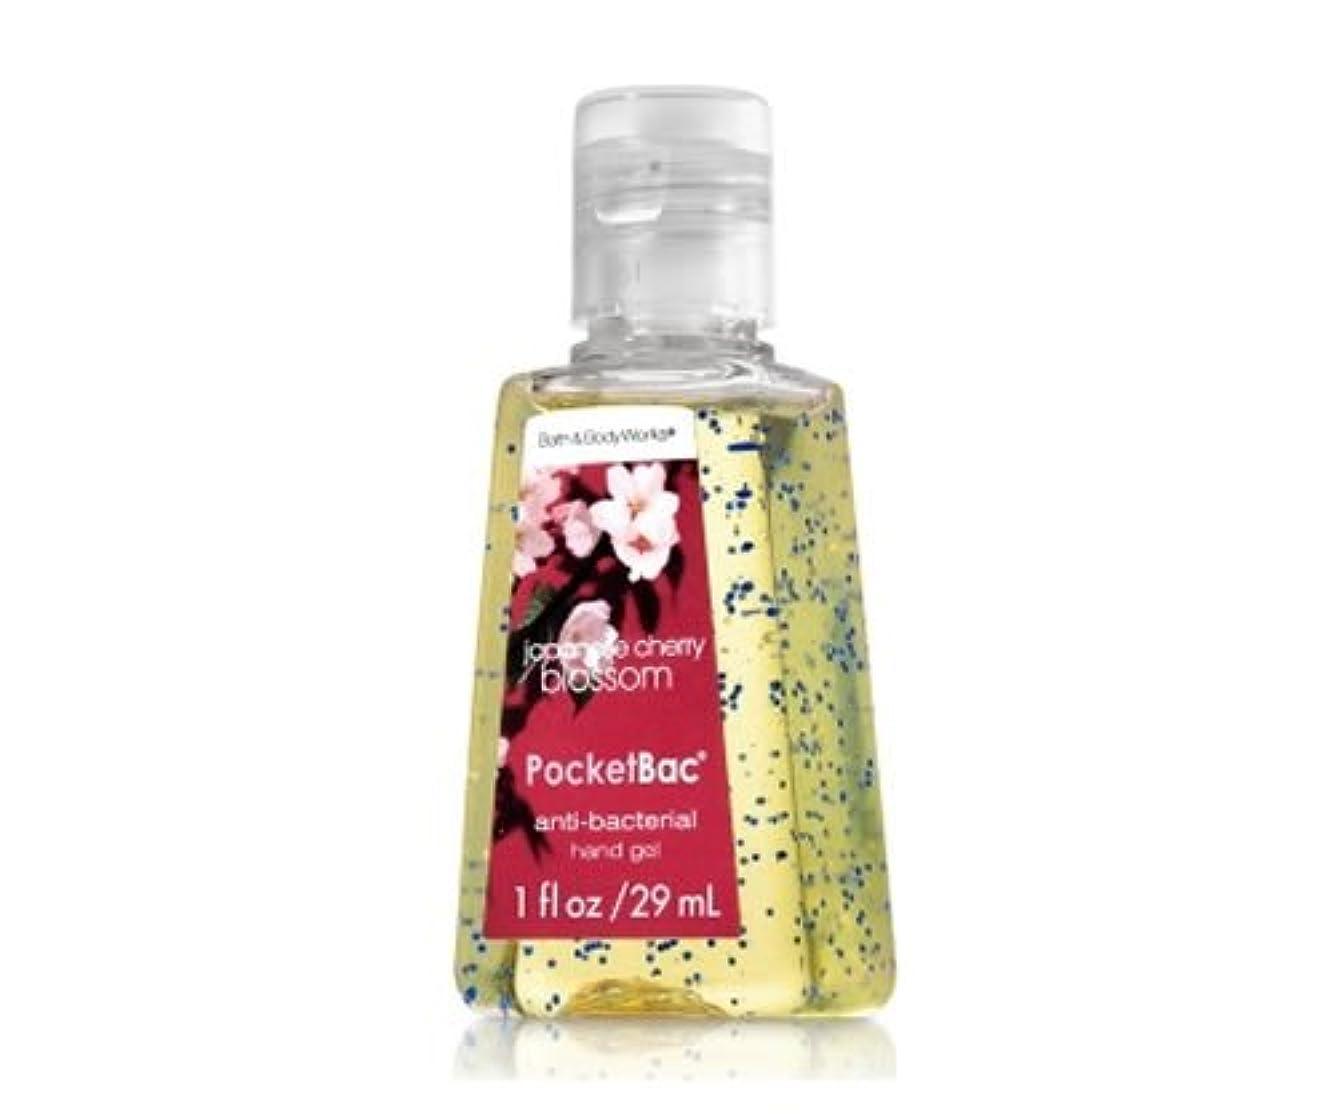 あいさつ現象ストライクバス&ボディワークス ハンドジェル 29ml ジャパニーズチェリーブロッサム Bath&Body Works Anti-Bacterial PocketBac Sanitizing Hand Gel Japanese Cherry Blossom [並行輸入品]